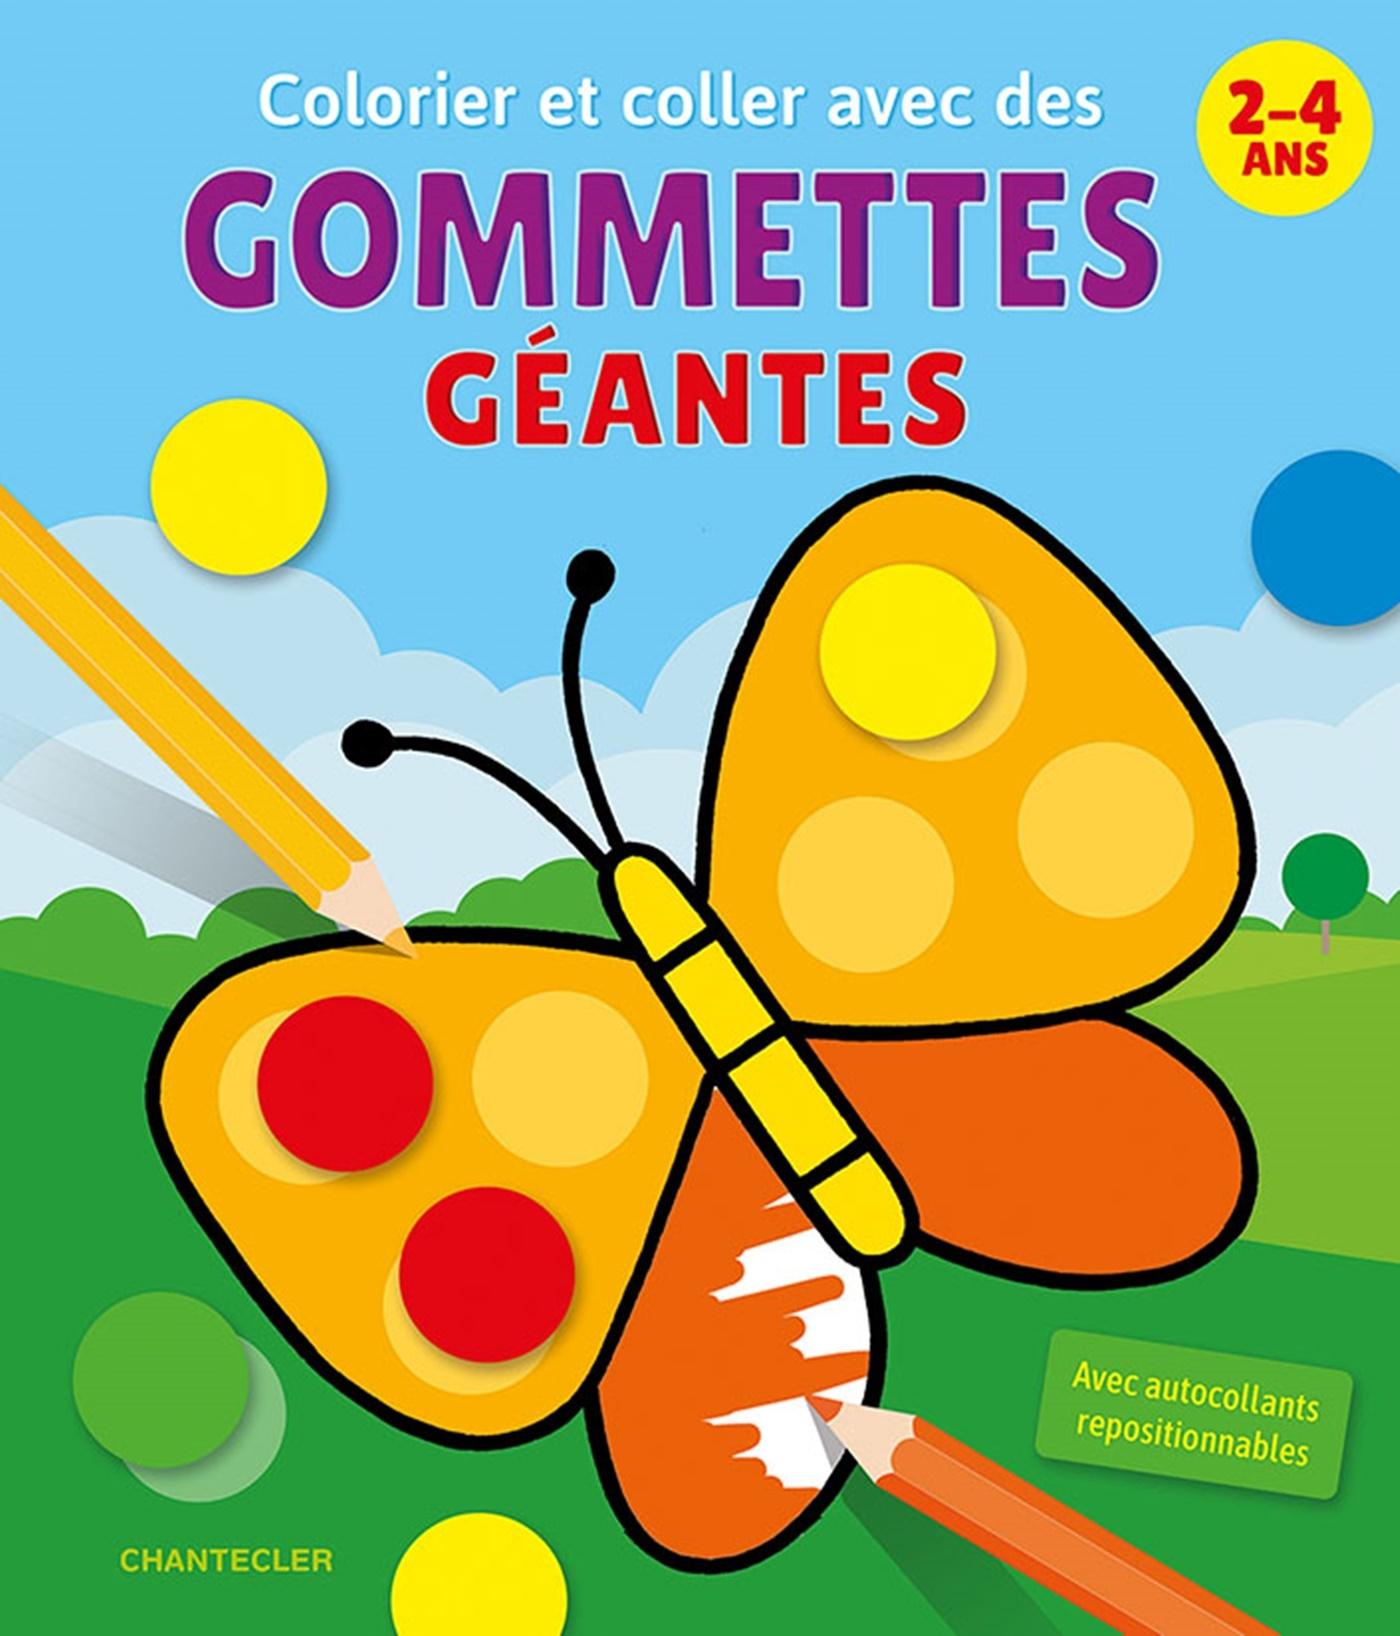 COLORIER ET COLLER AVEC DES GOMMETTES GEANTES (2-4 A.)